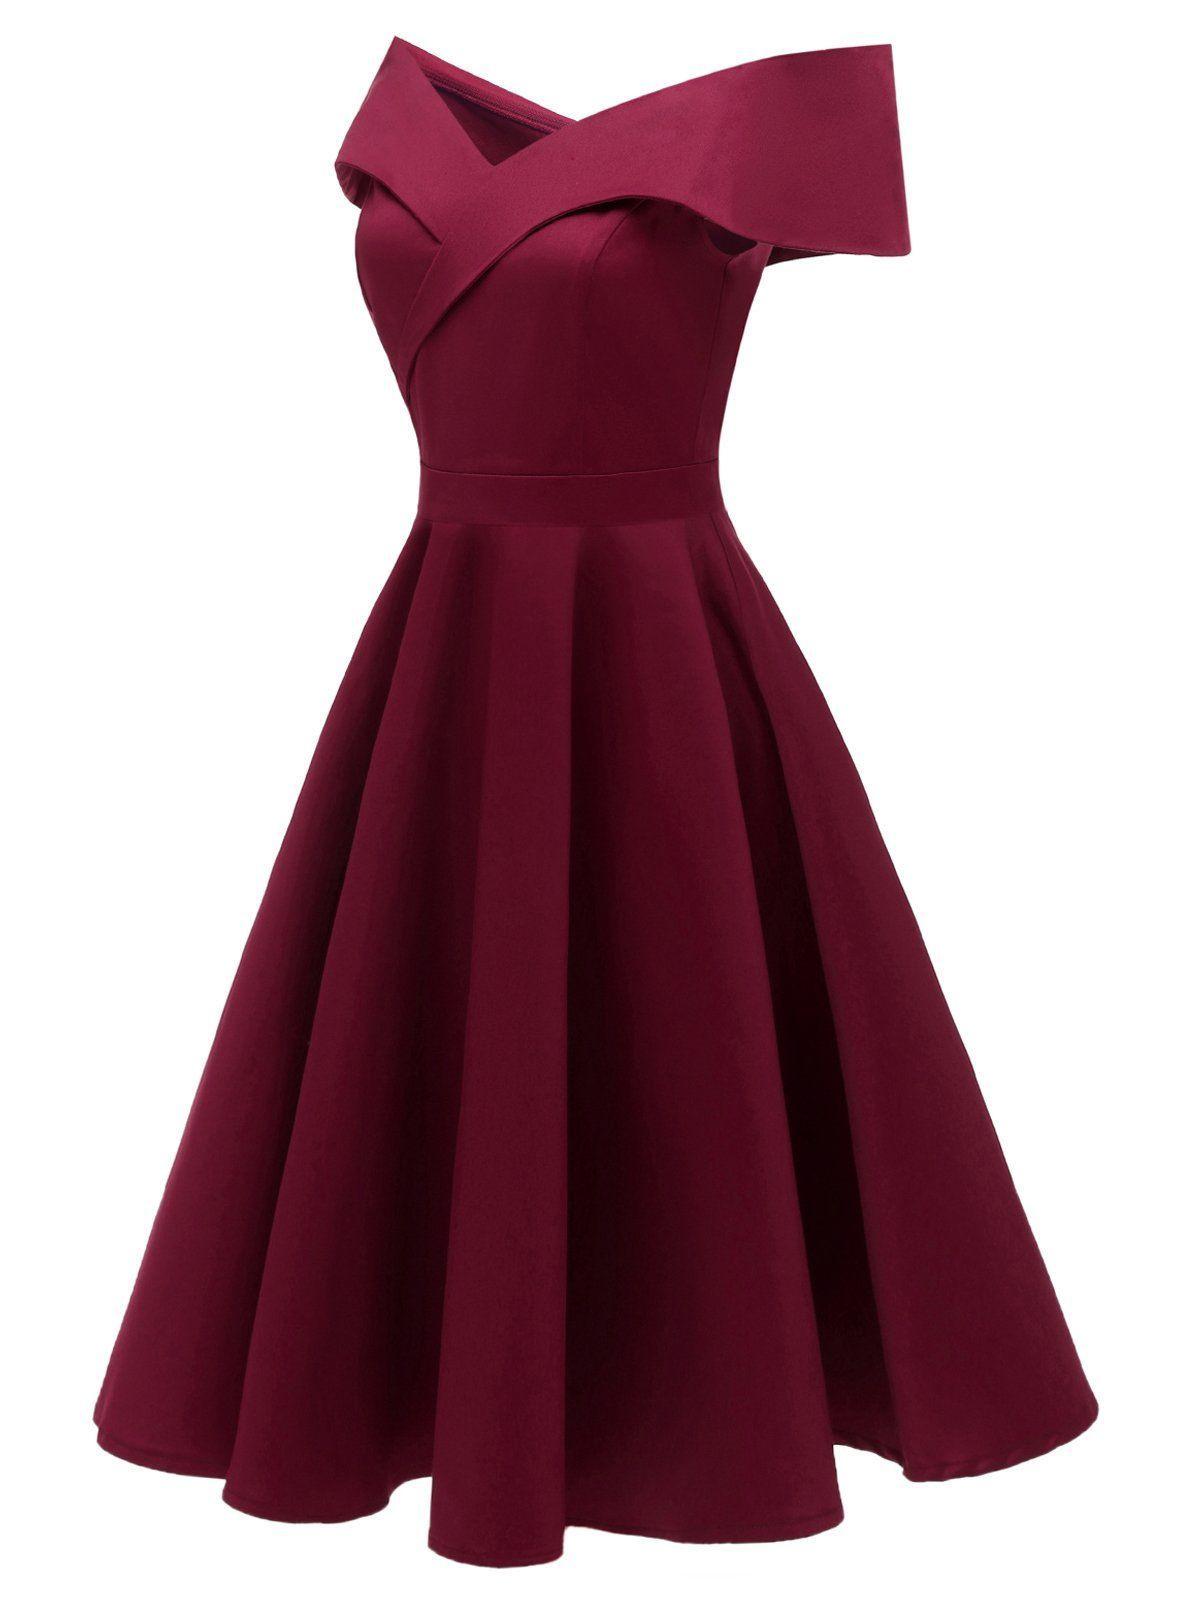 10 Top Swing Abendkleid Boutique20 Spektakulär Swing Abendkleid Vertrieb